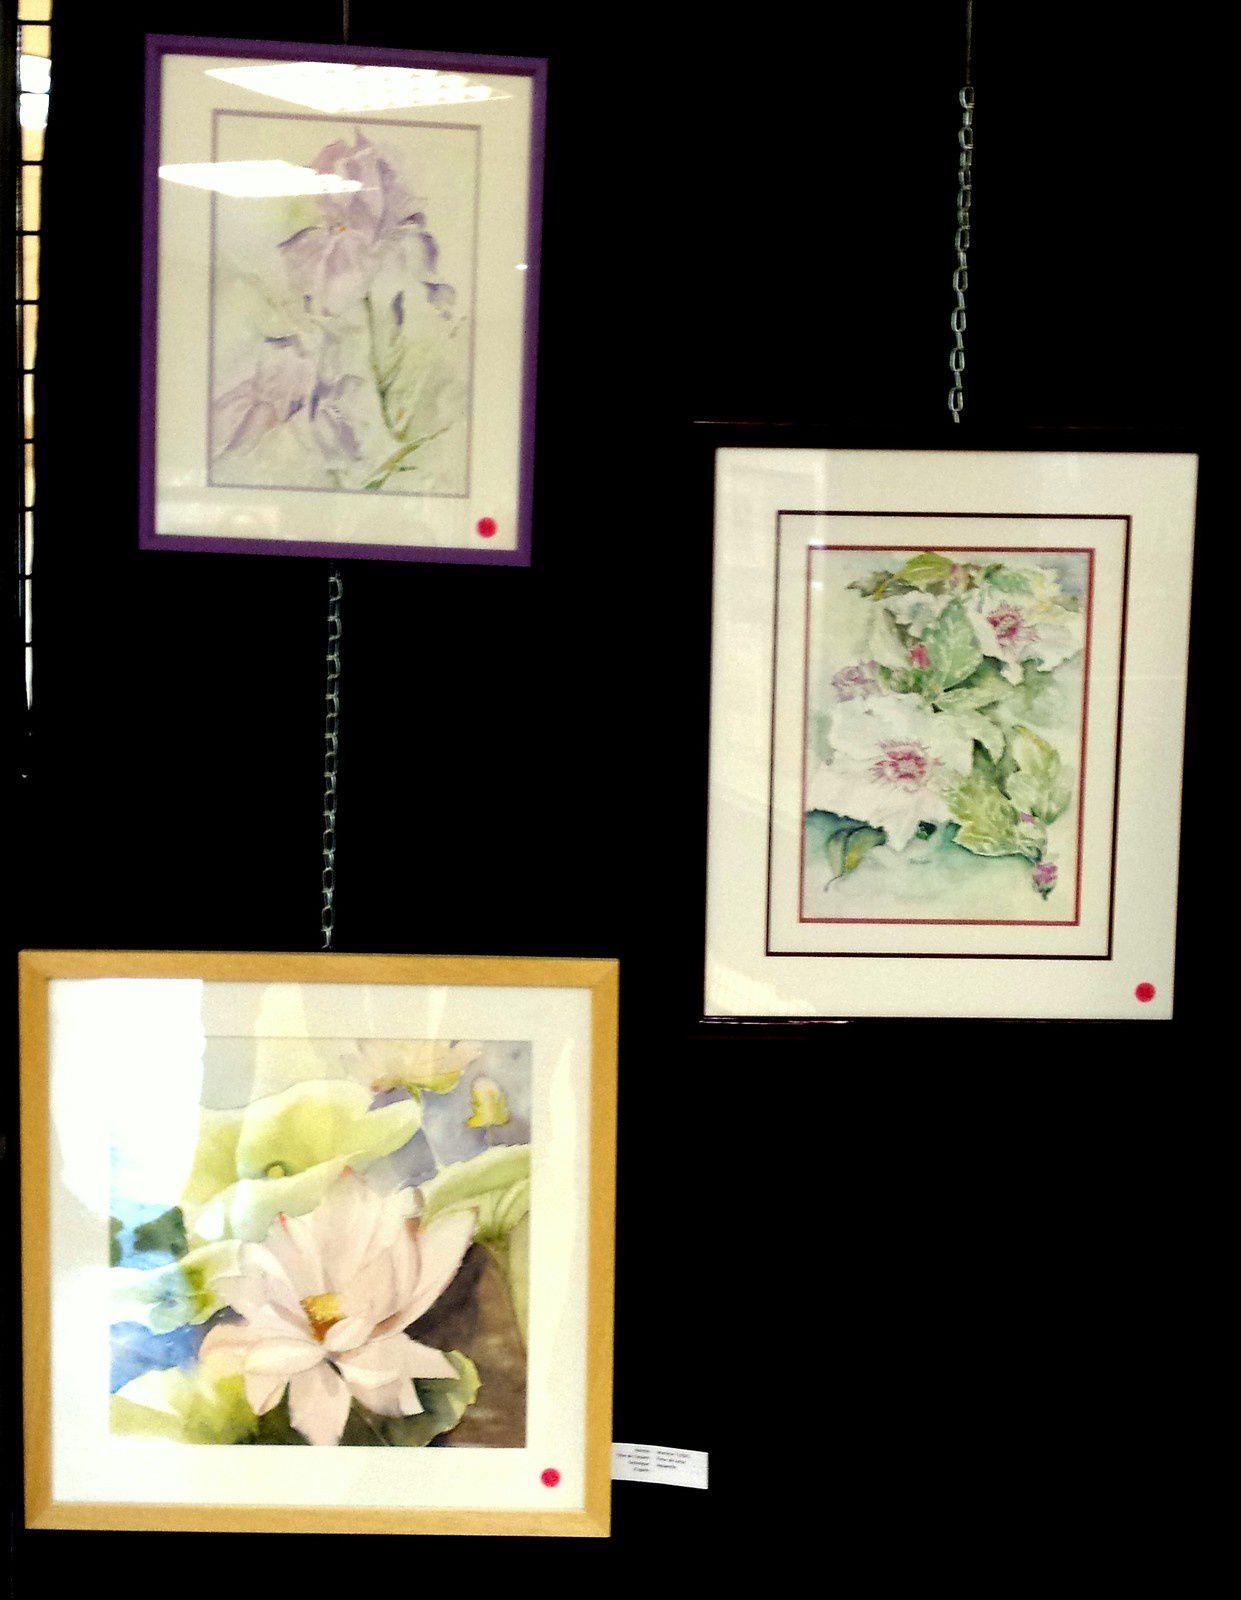 Photos adhérents  expo &quot&#x3B;pinceaux et couleurs&quot&#x3B;